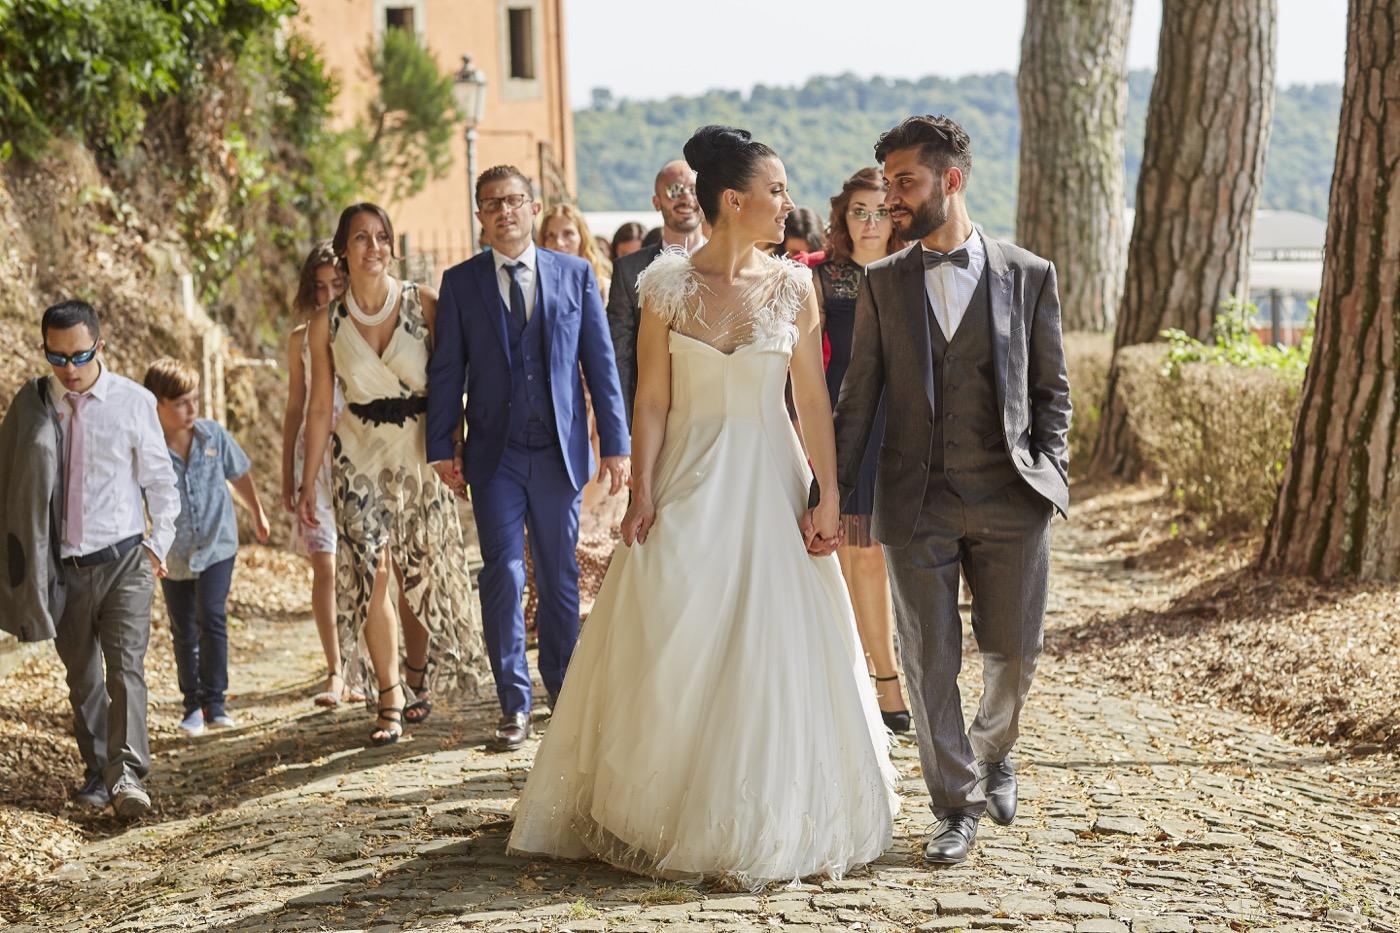 Claudio-Coppola-wedding-photographer-villa-del-cardinale-rocca-di-papa-castel-gandolfo-61